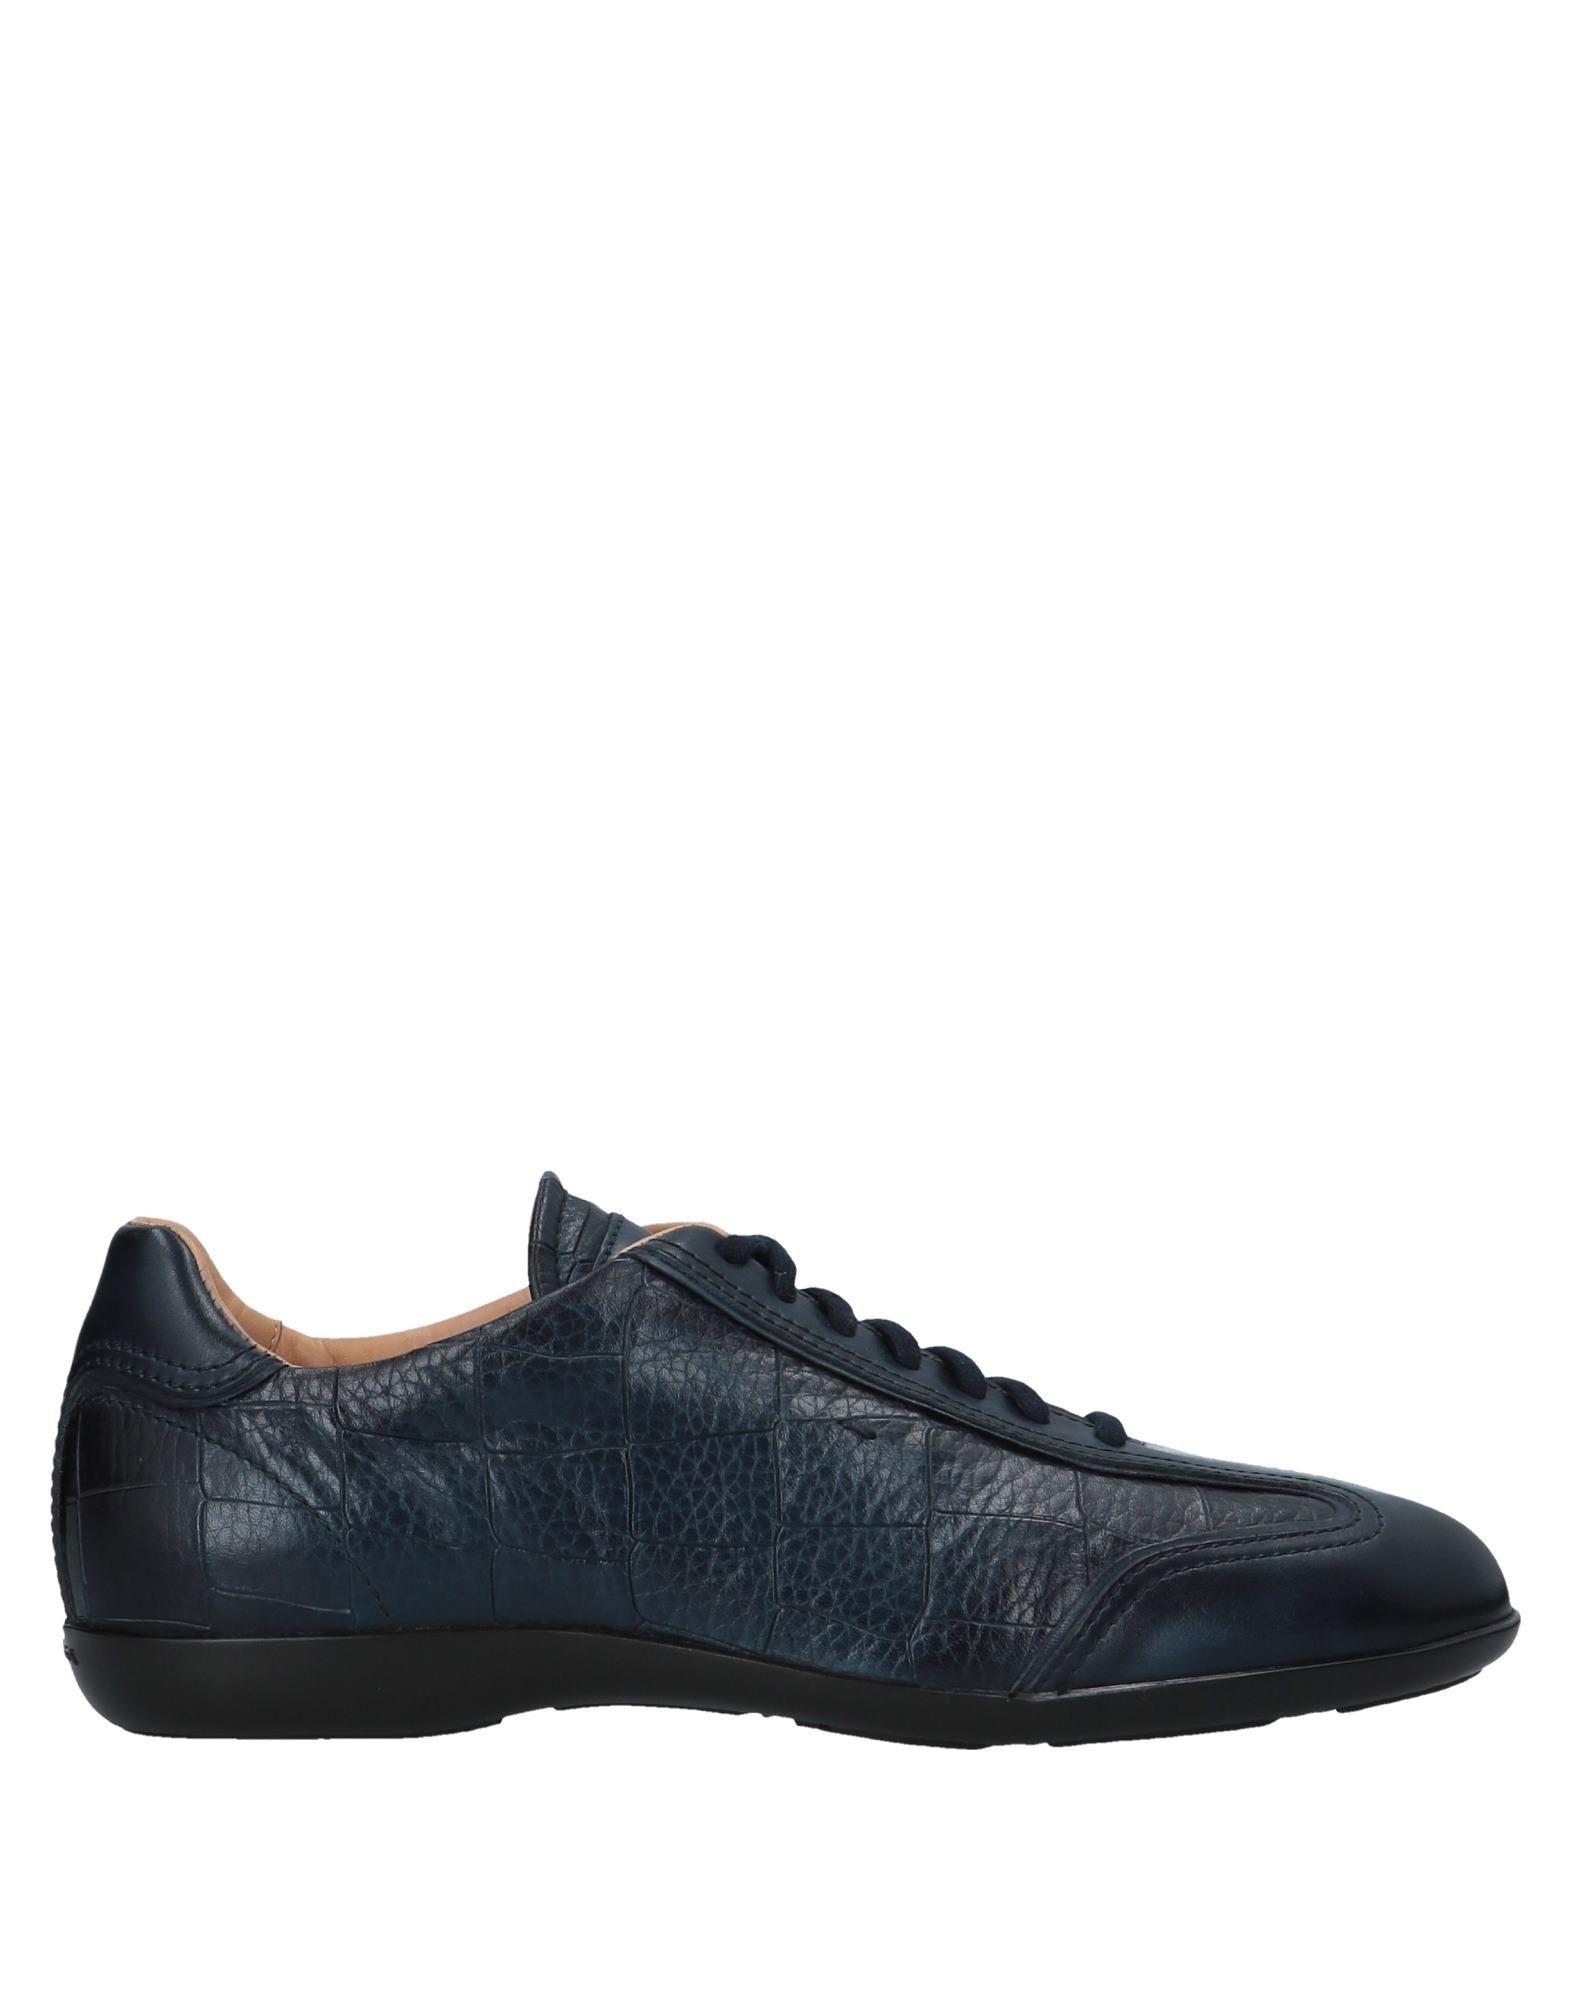 Santoni Sneakers Herren  11543655KJ Gute Qualität beliebte Schuhe